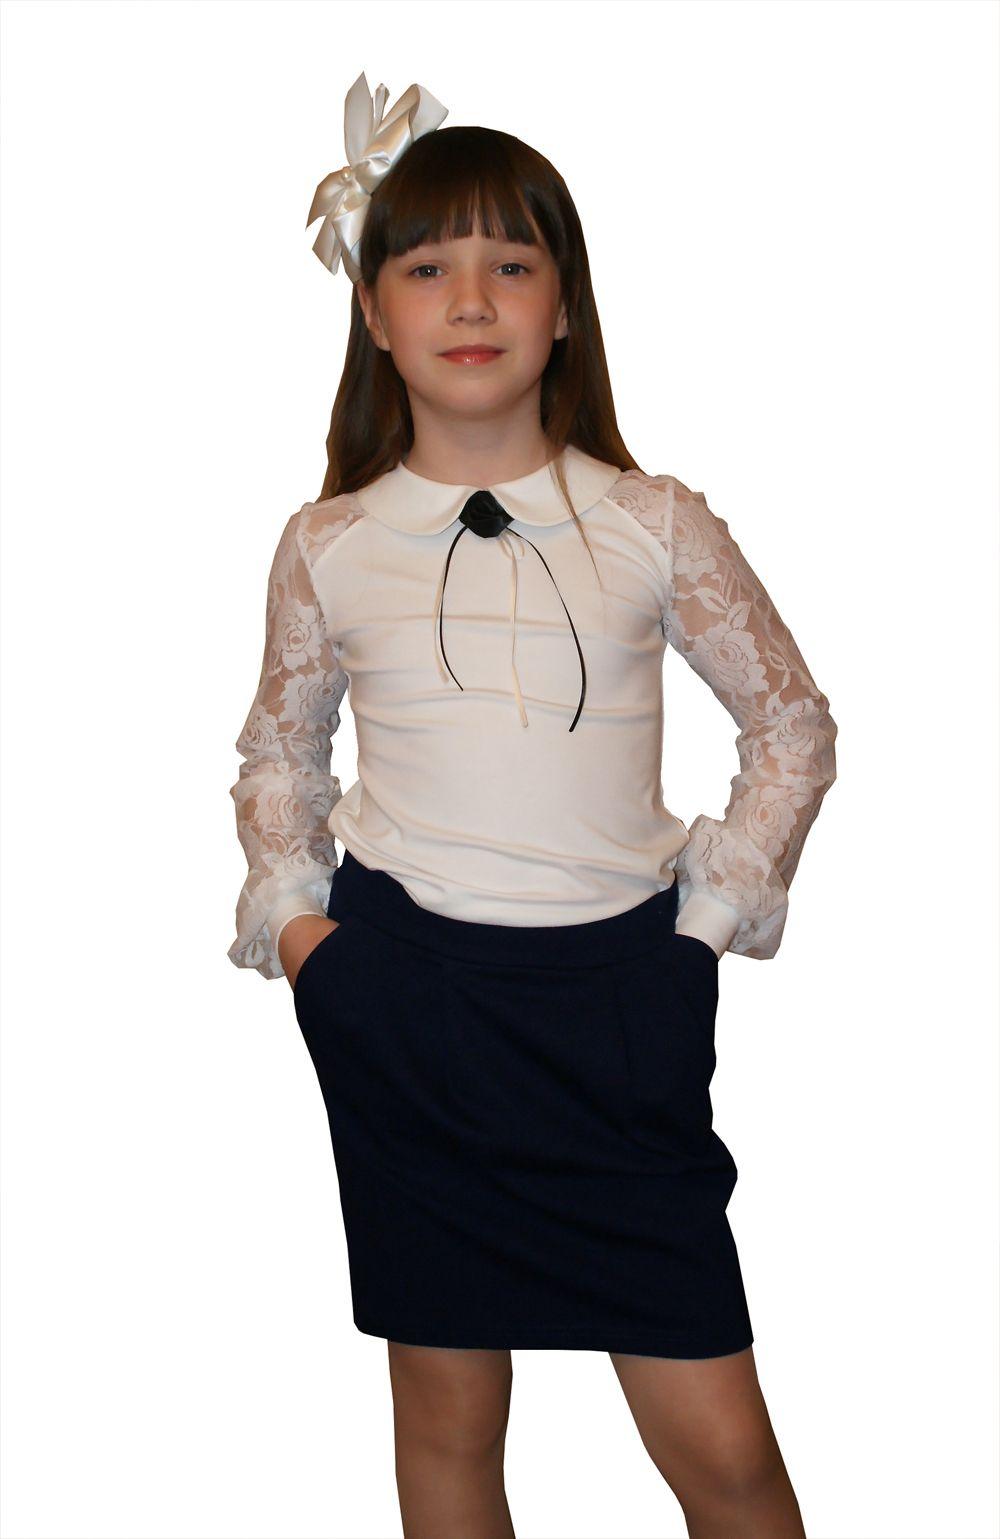 Сбор заказов. Красивая одежда для детей М@ттiель-13. Акция поставщика - 30% на коллекцию лето 2015 и мальчики! Нарядные блузки для школы от 295руб. Любые размеры от 98 до 152 роста без рядов. Готовимся к школе заранее!